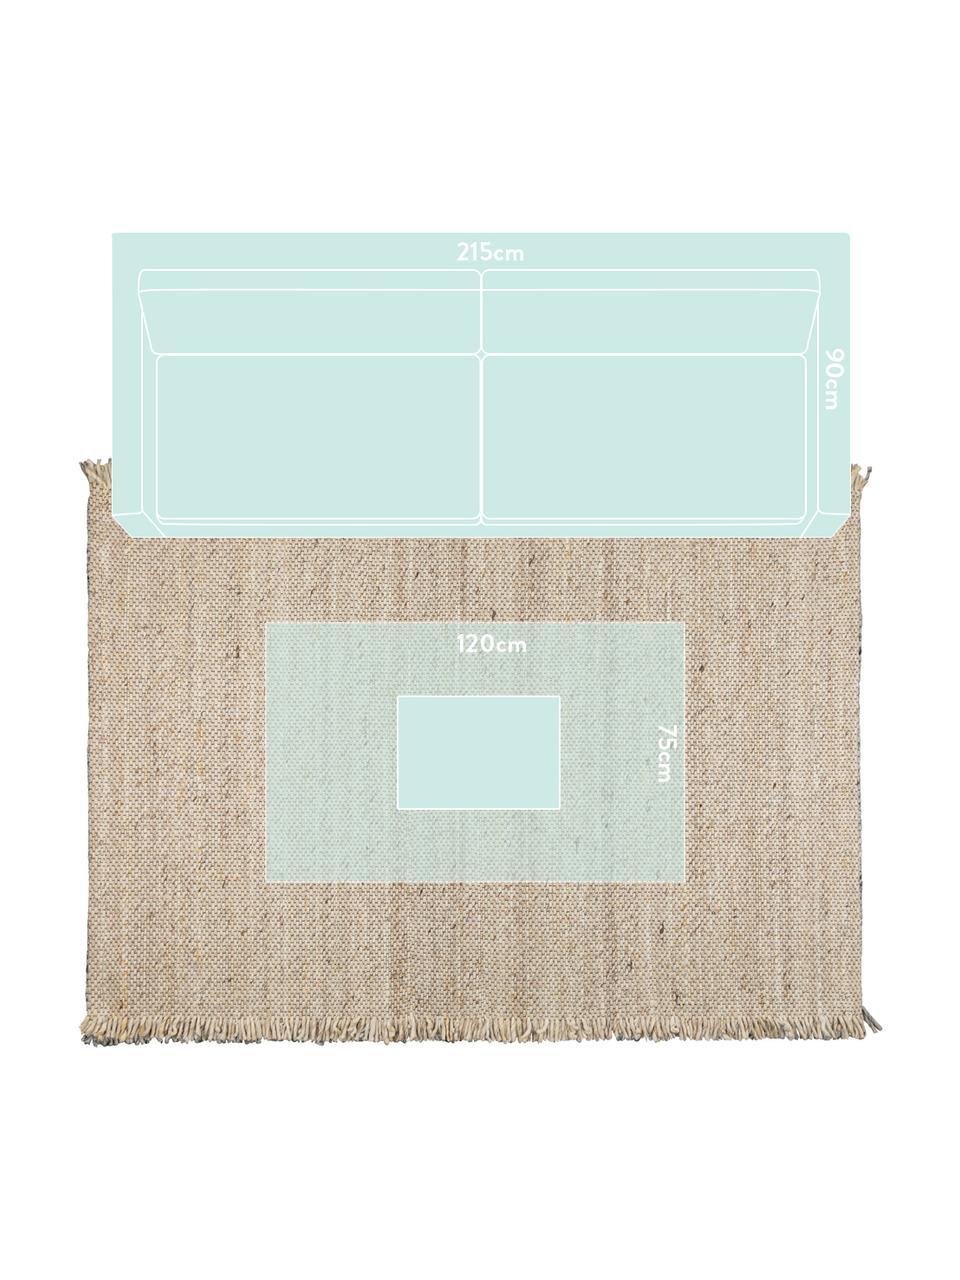 Wollteppich Frills in Beige/Gelb mit Fransen, 170 x 240 cm, Flor: 100% Wolle, Beige, Gelb, B 170 x L 240 cm (Größe M)